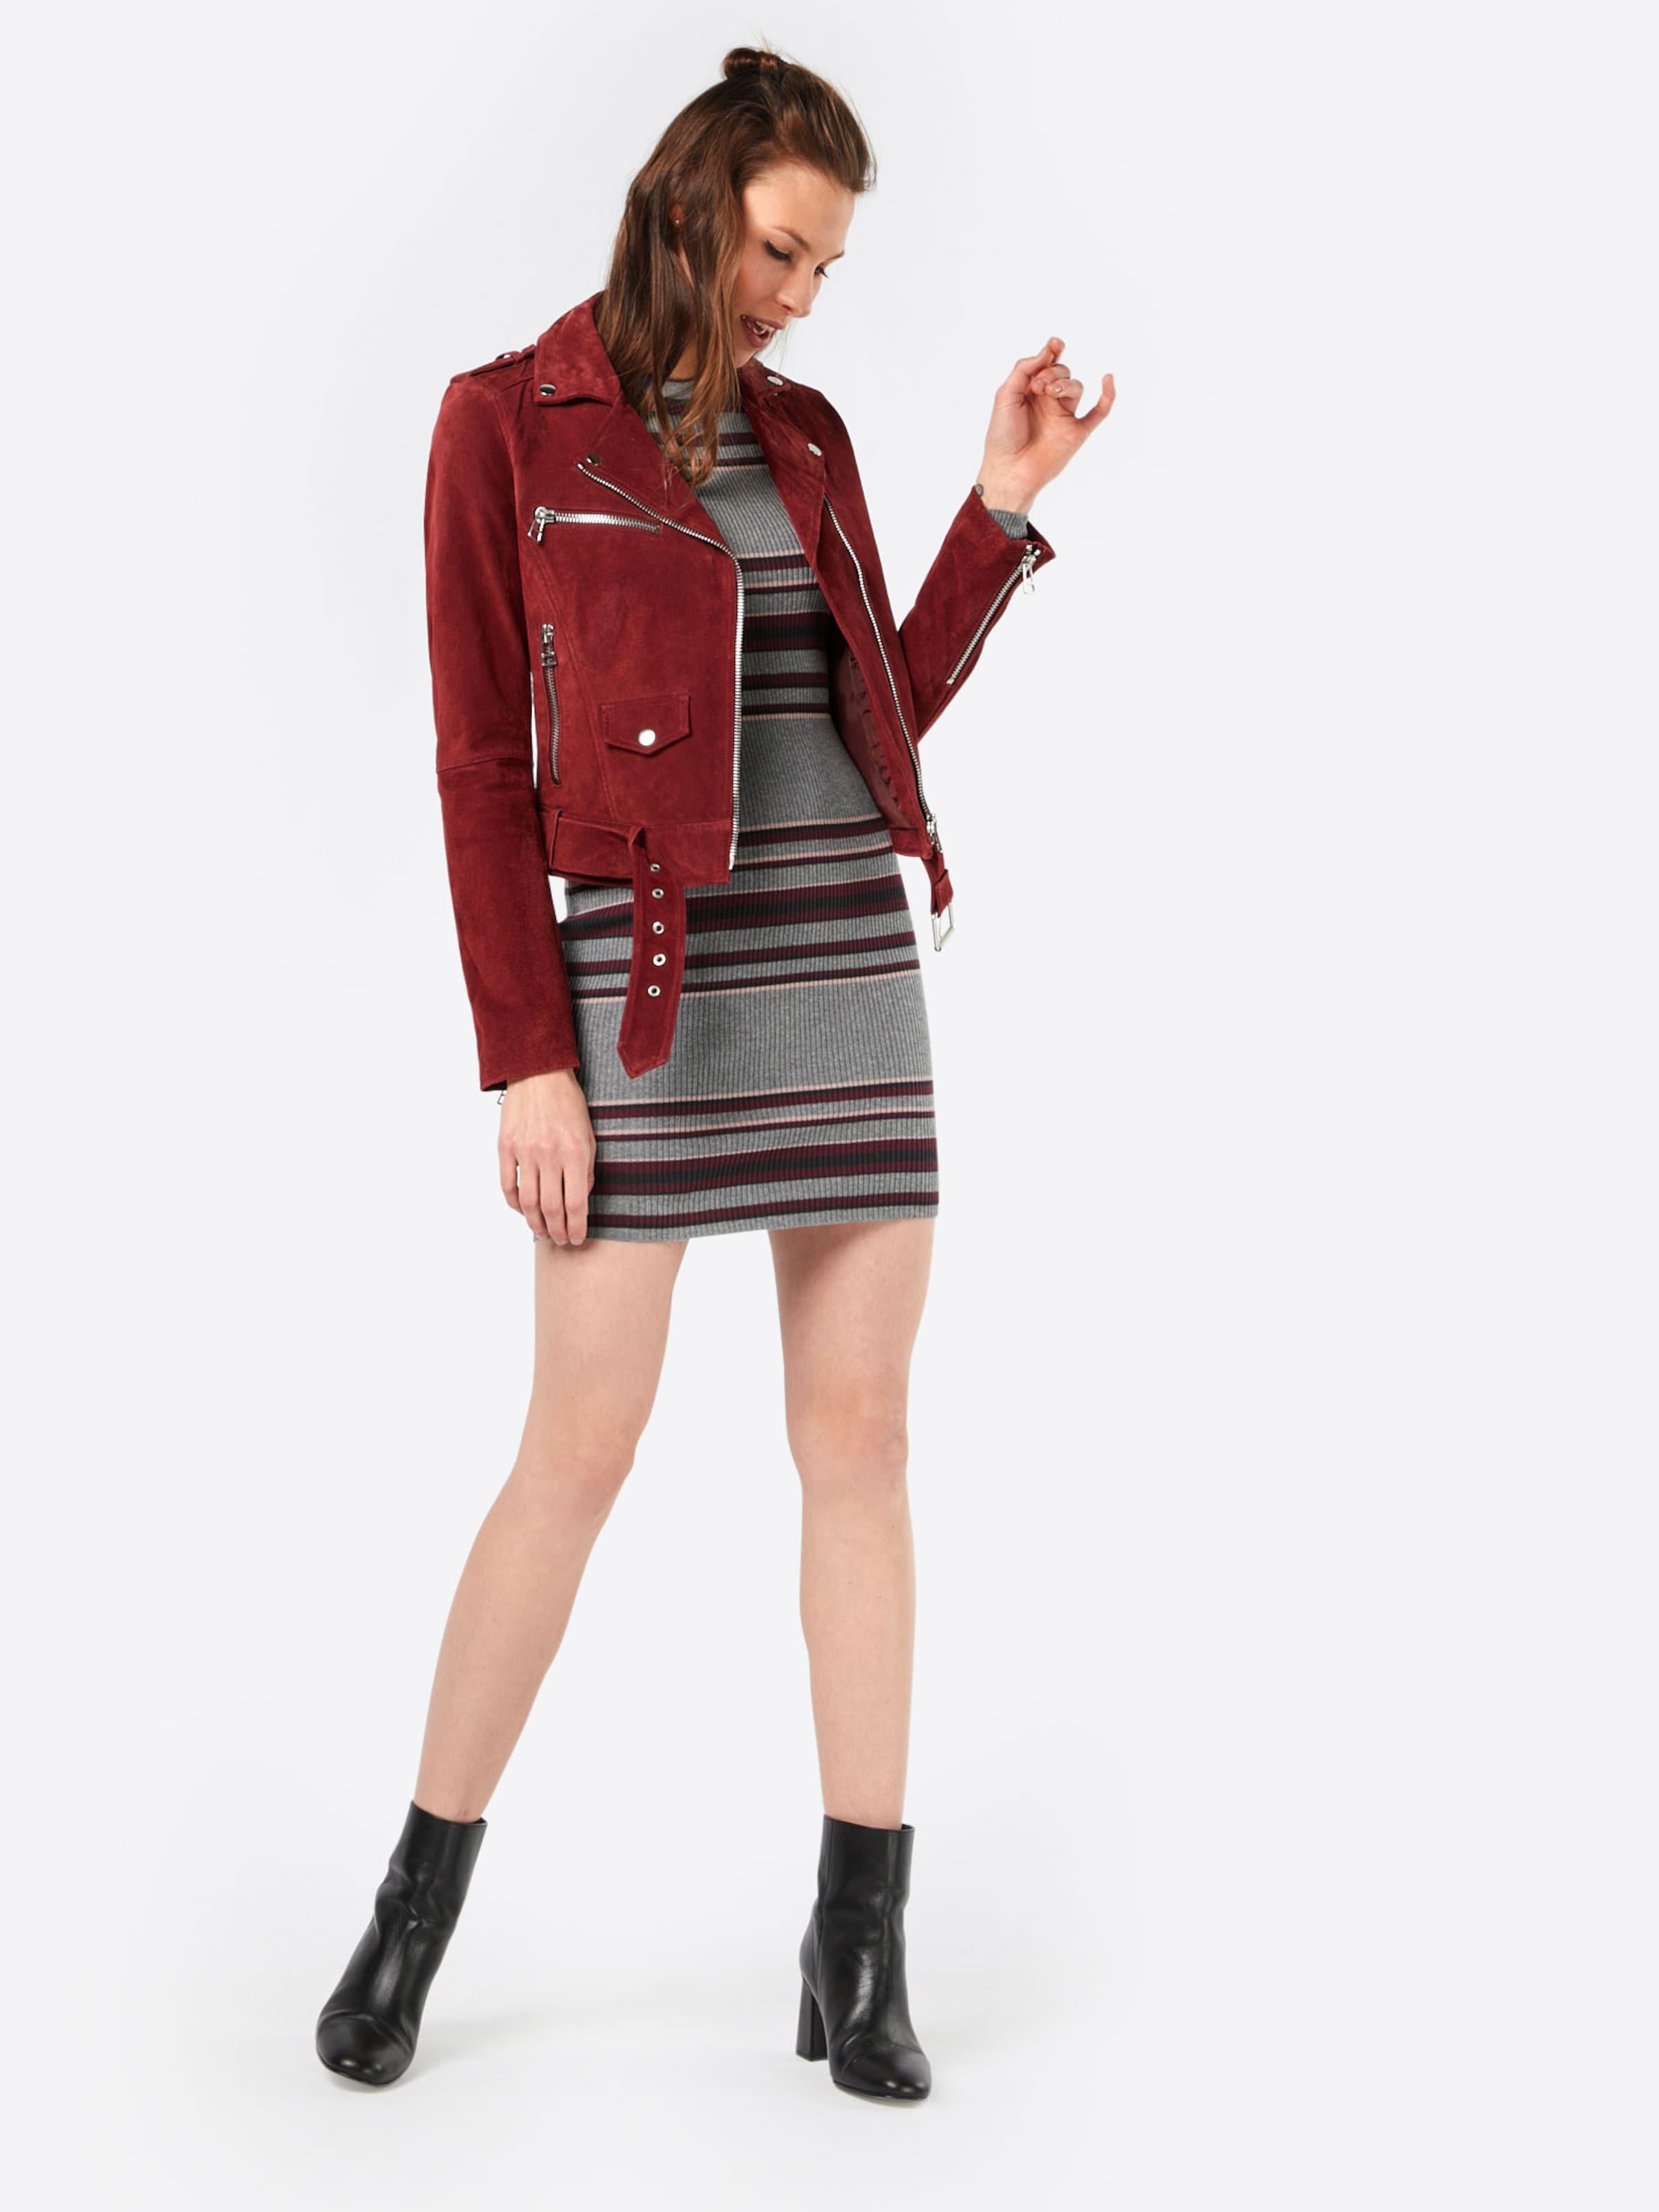 Qualität Für Freies Verschiffen Verkauf 100% Authentisch Review Pulloverkleid im Stripes-Look Ansehen Günstig Online Großer Verkauf Zum Verkauf Kostenloser Versand Zu Kaufen zxmLVXerc